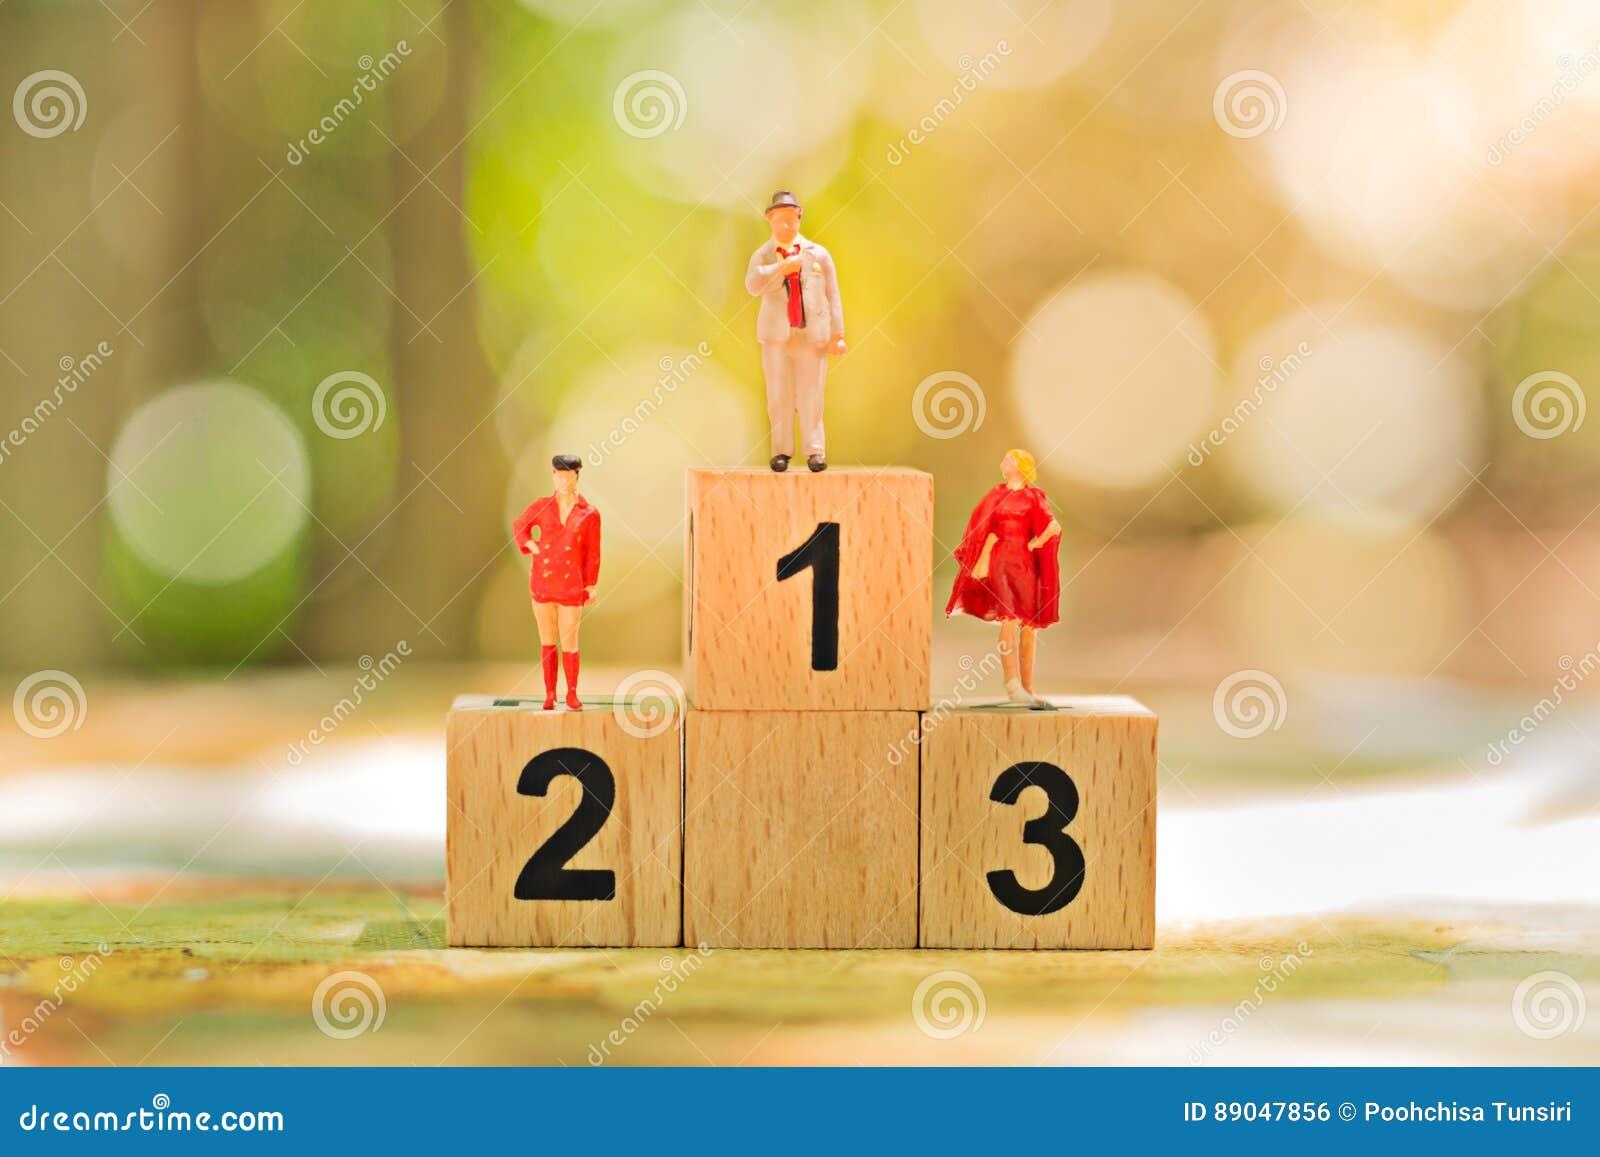 微型人民:与木指挥台身分的小工作者形象 企业队竞争概念